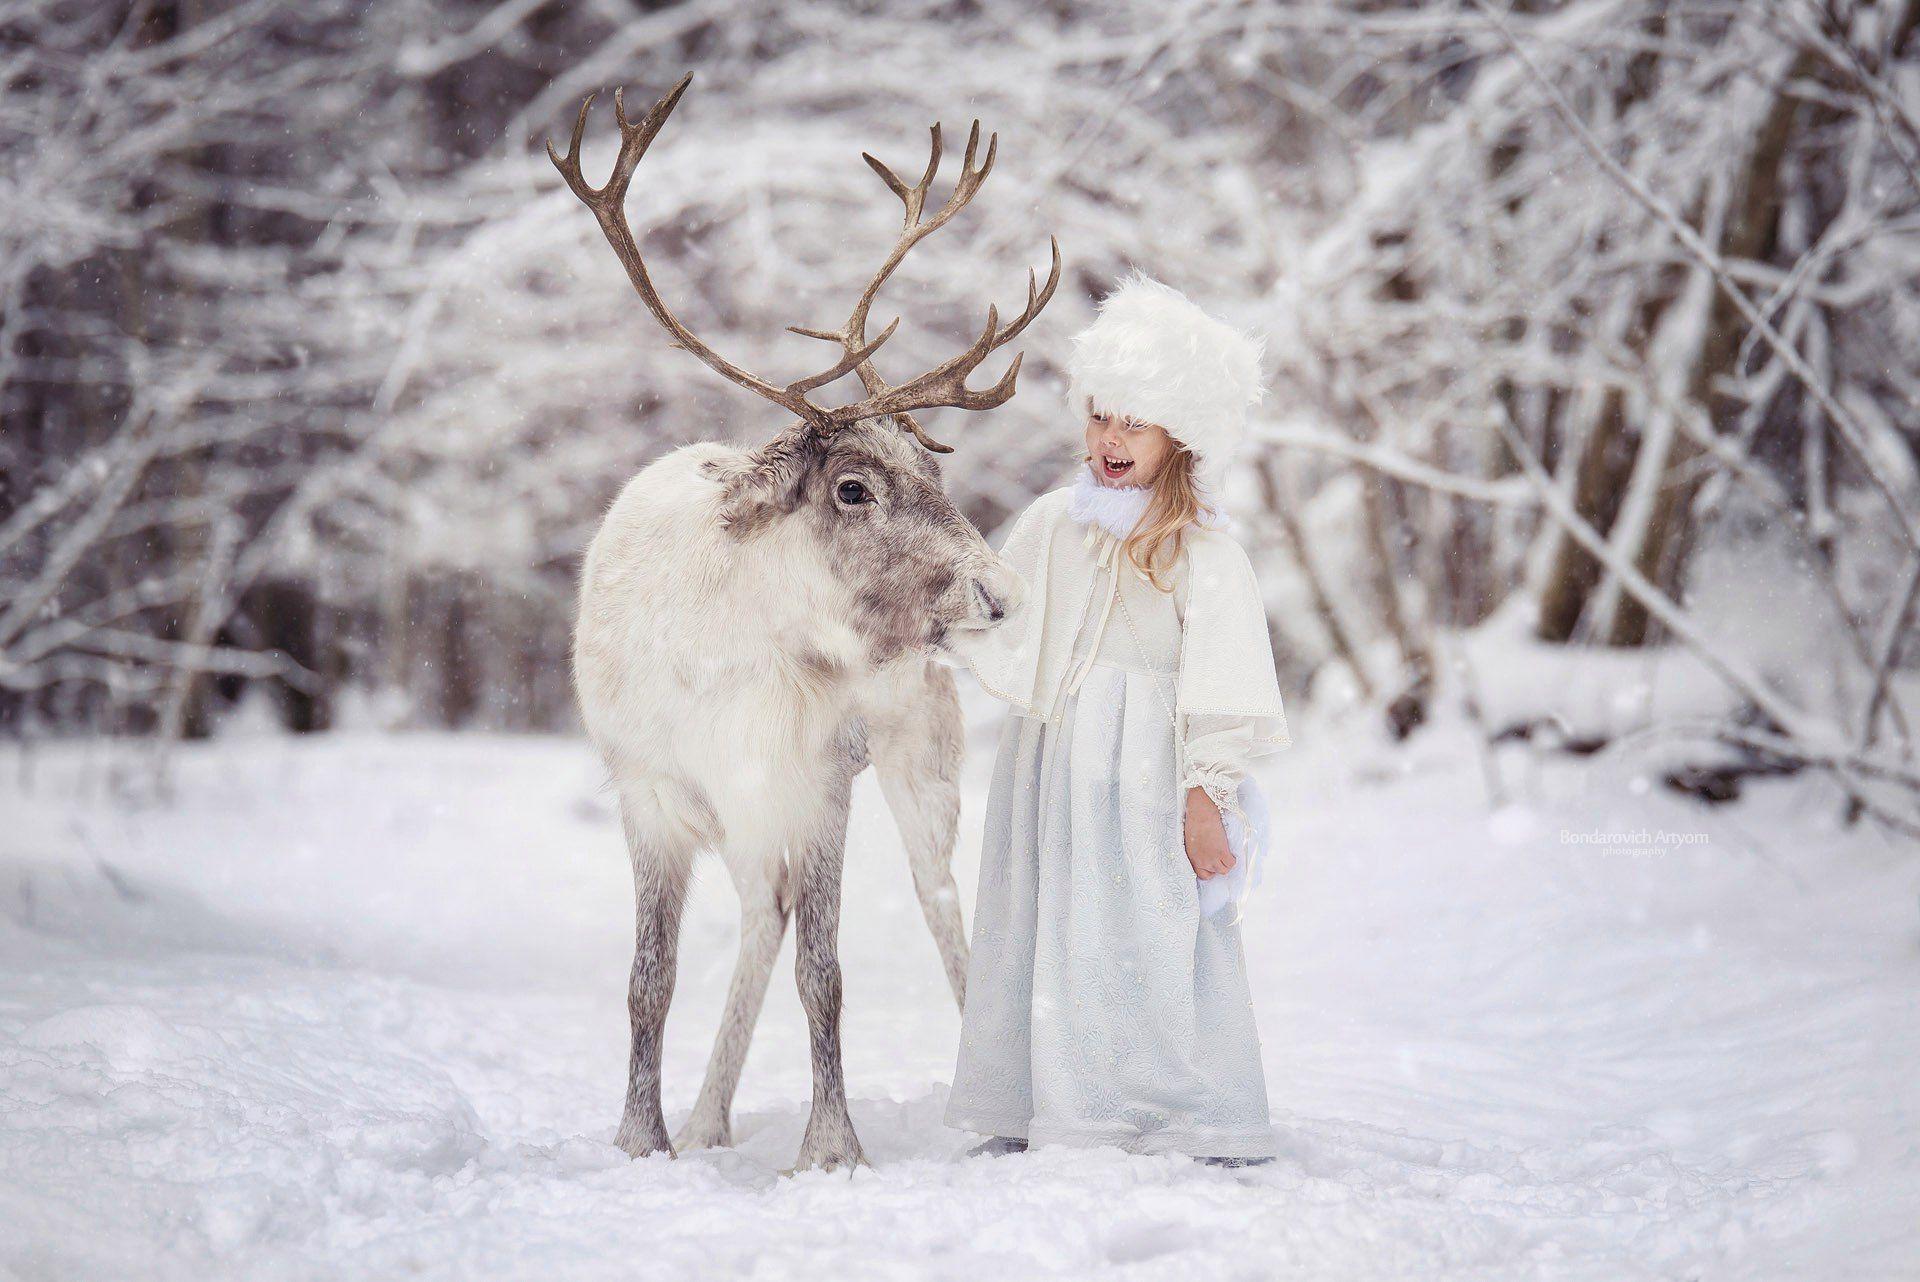 девочка, портрет, снег, зима, олень, сказка, лес, рождество, Артем Бондарович